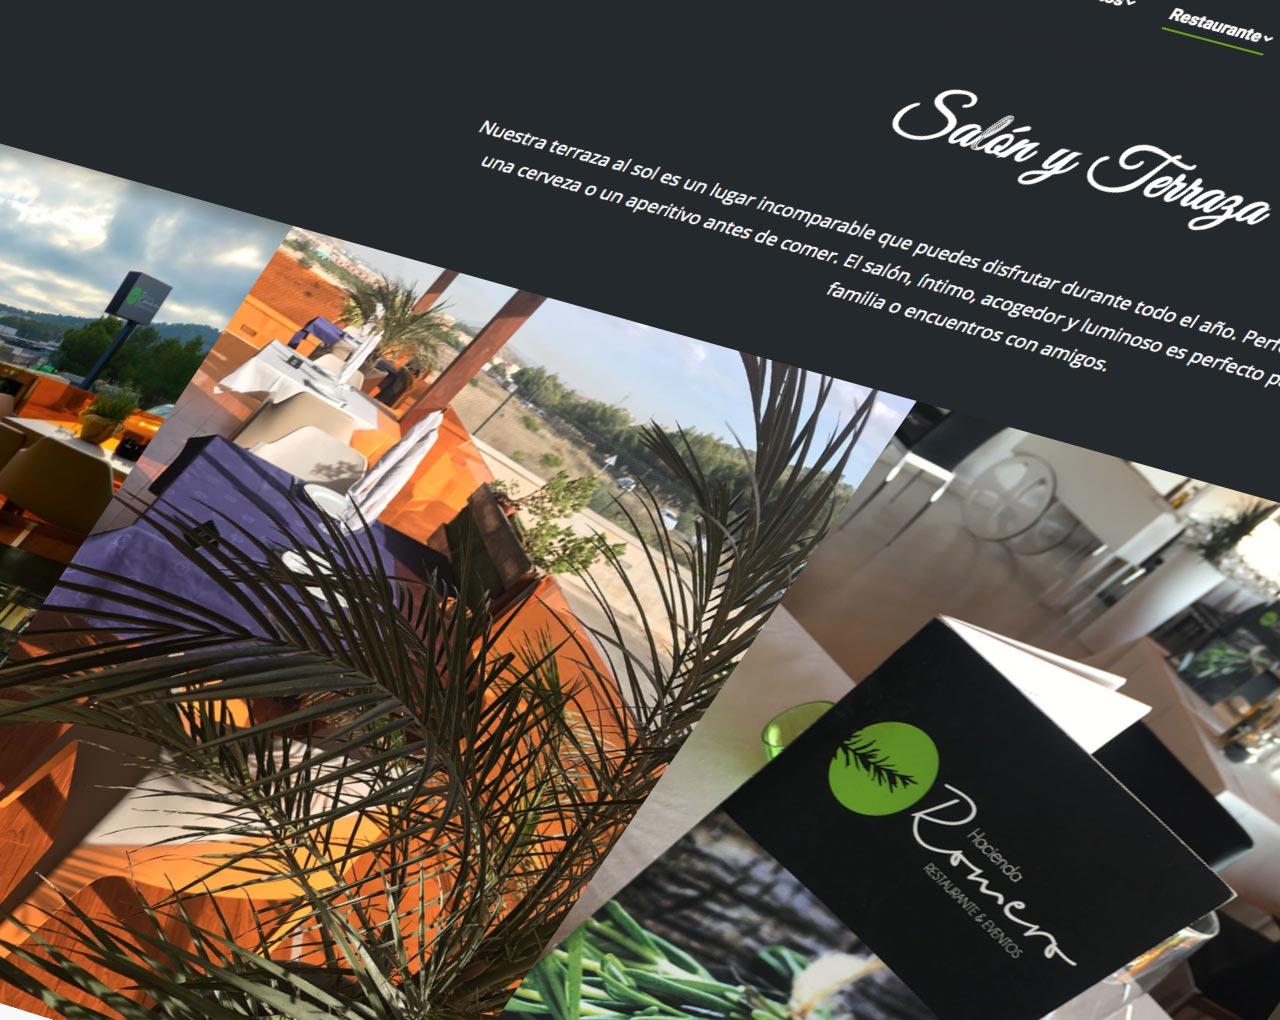 estudio de diseño grafico y web en murcia, restaurante y eventos hacienda romero